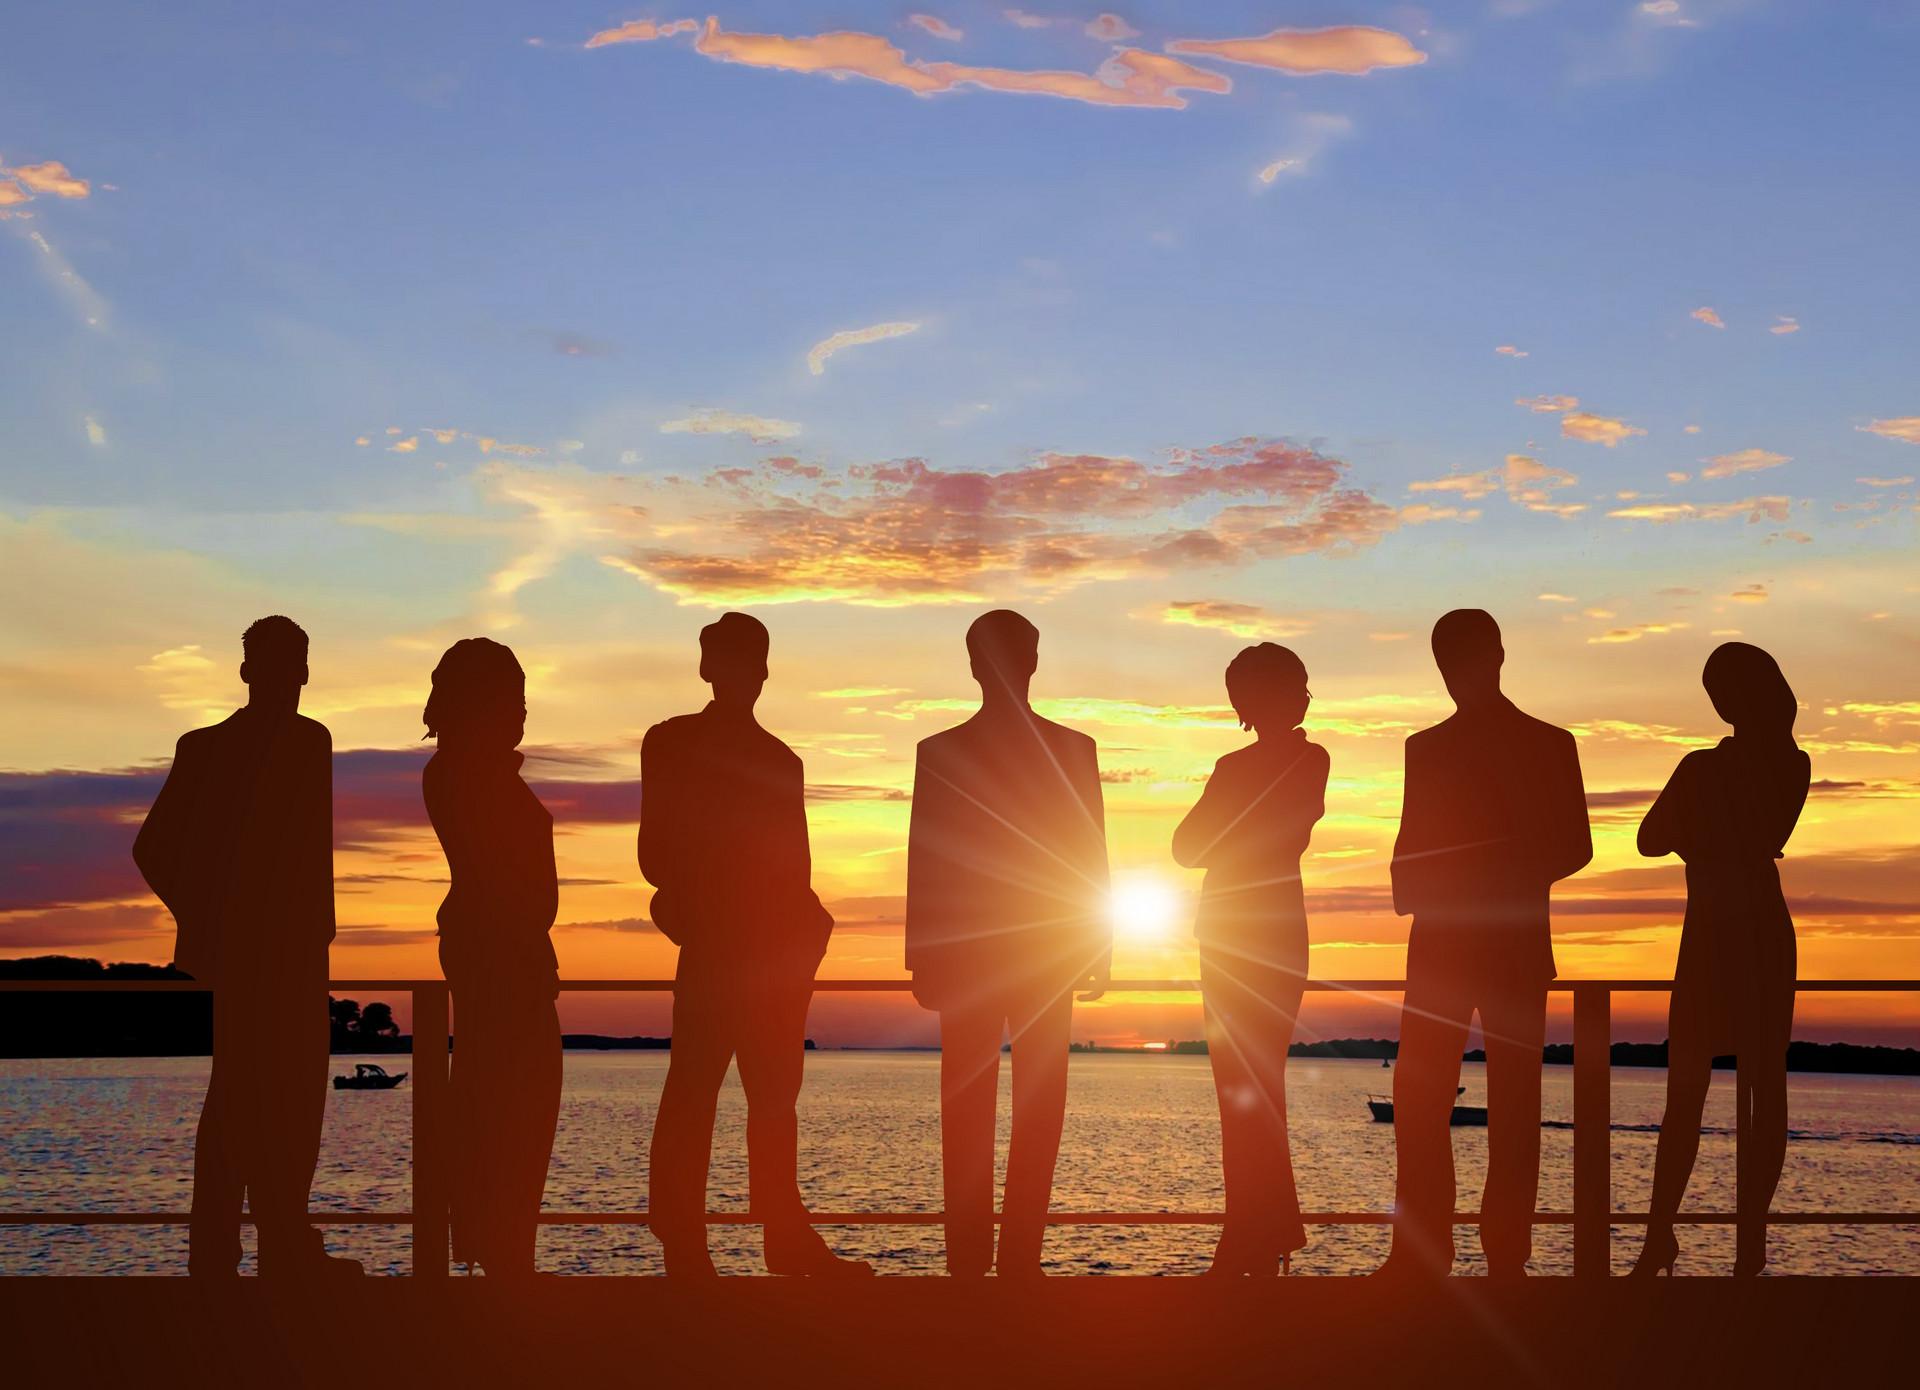 年輕創業者和連續創業者,就應該被授予榮譽的勛章嗎?